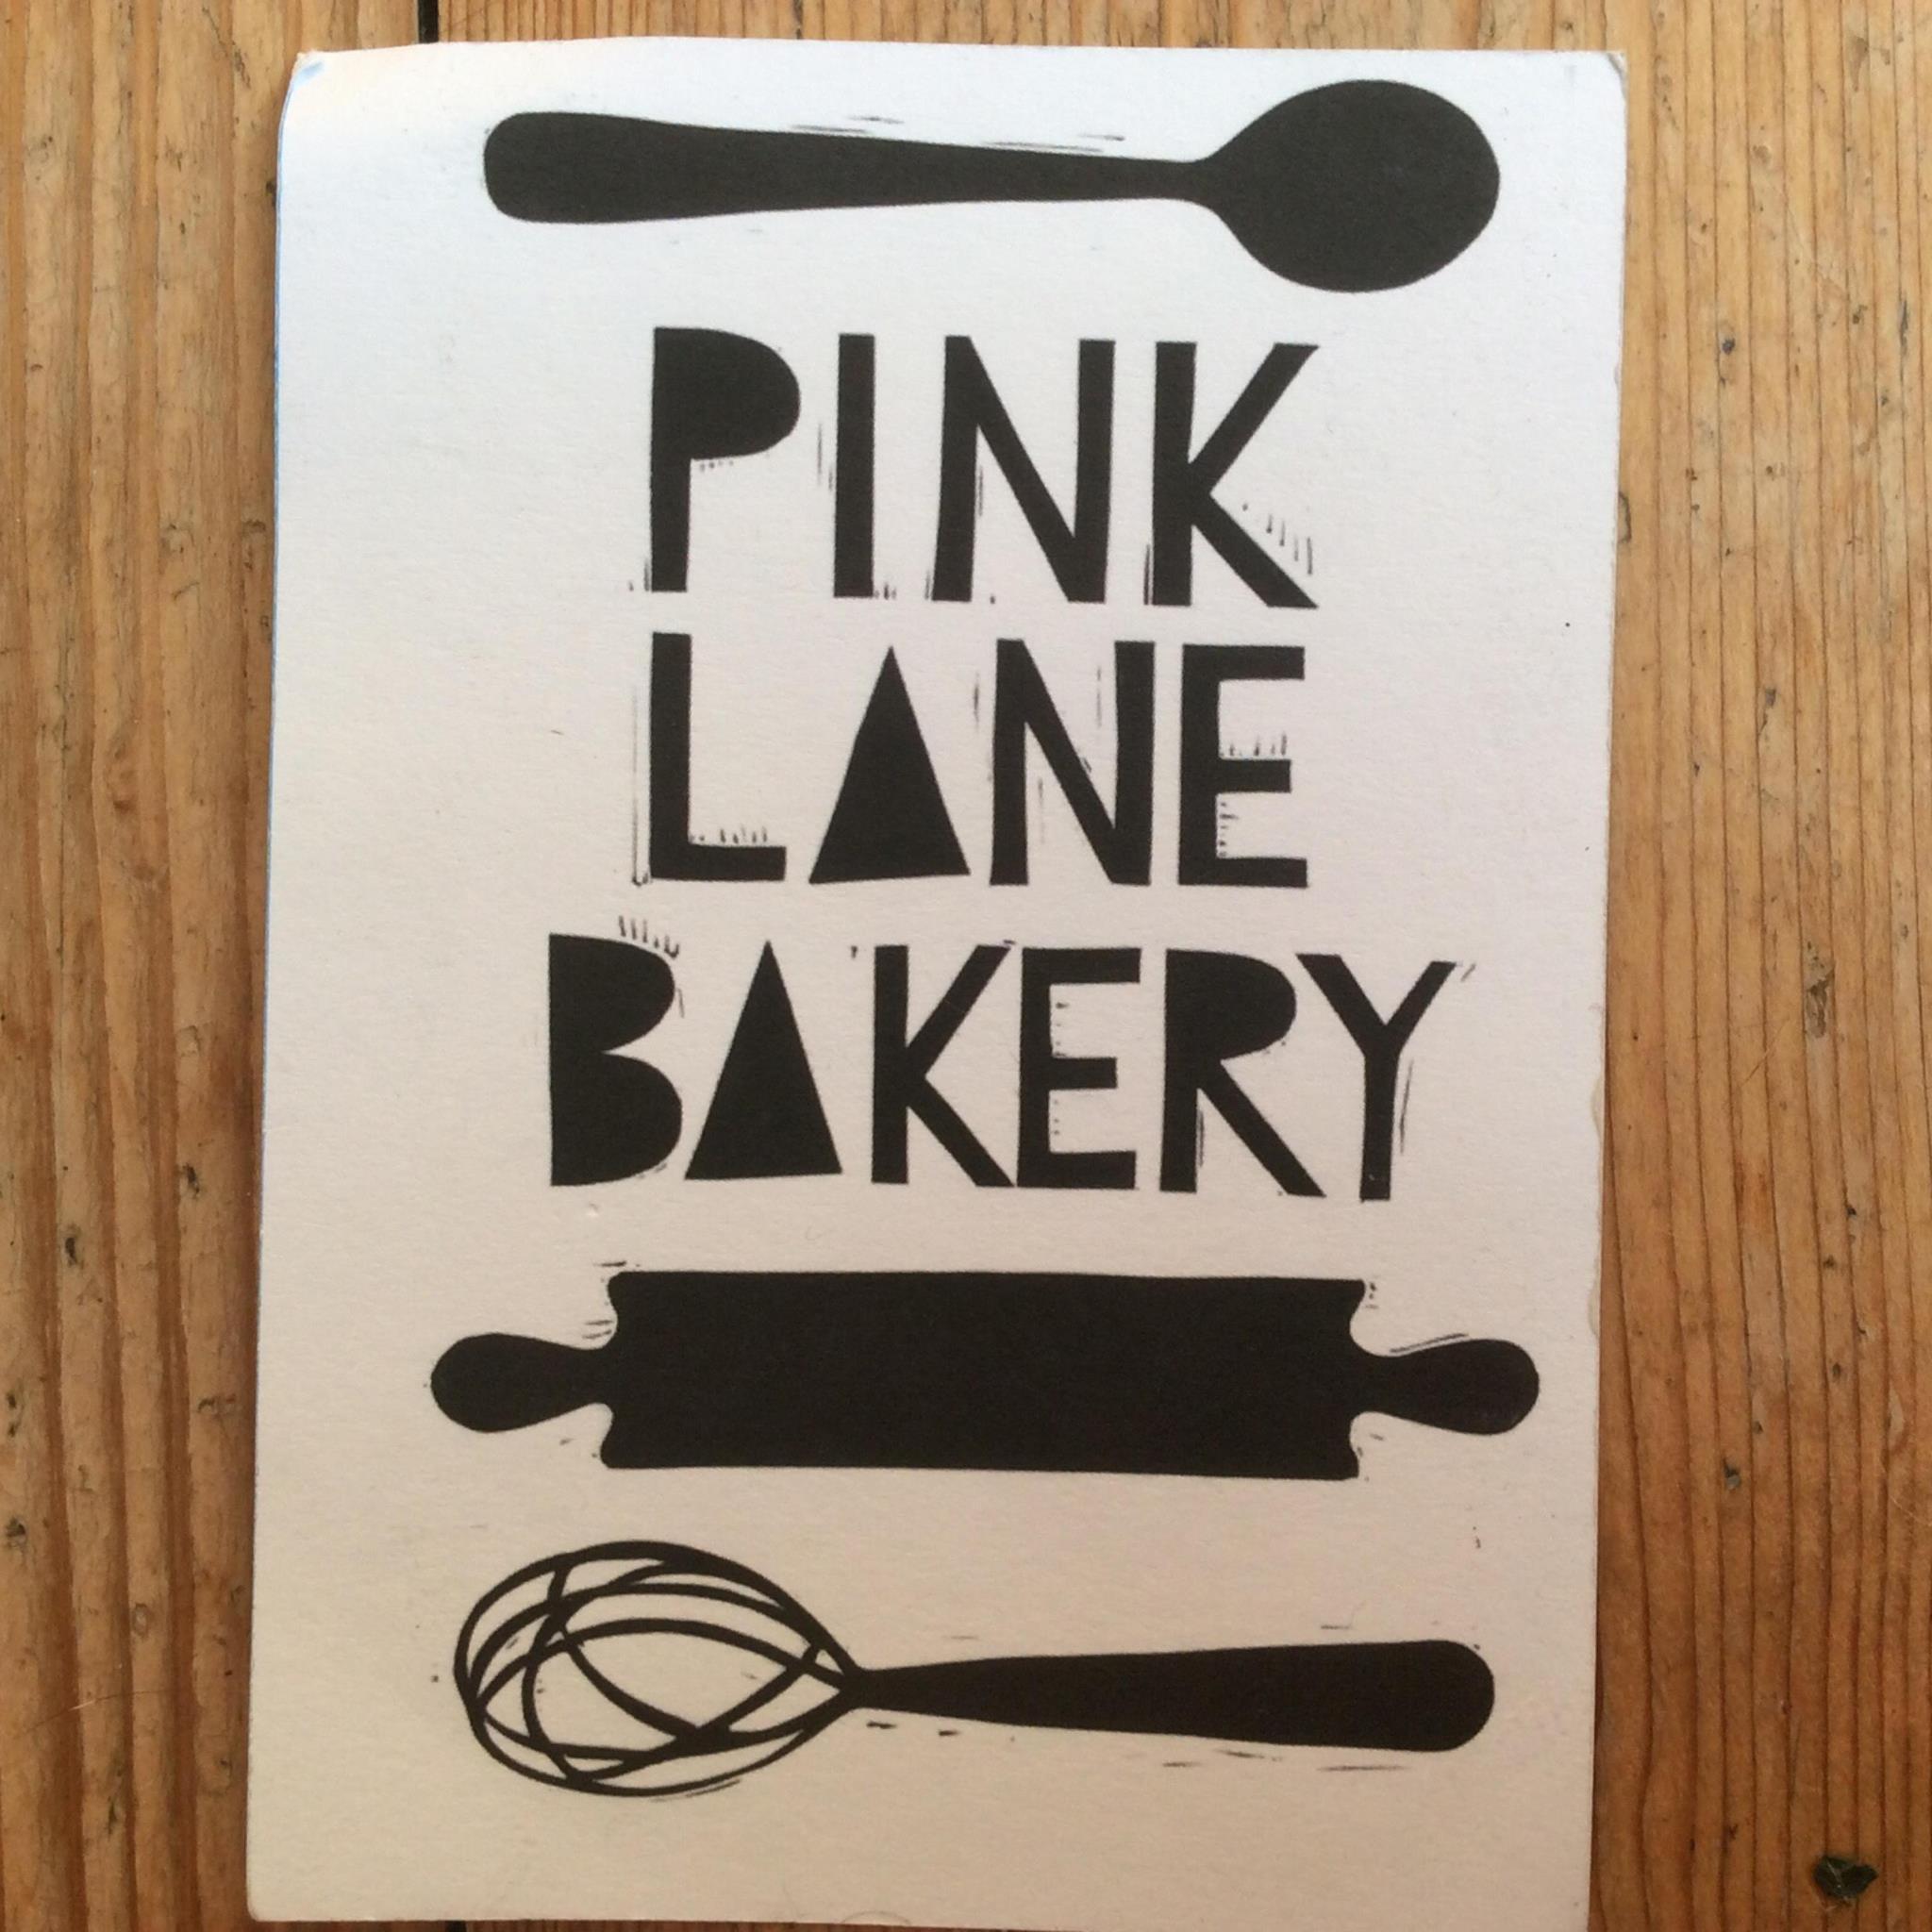 Pink Lane Bakery